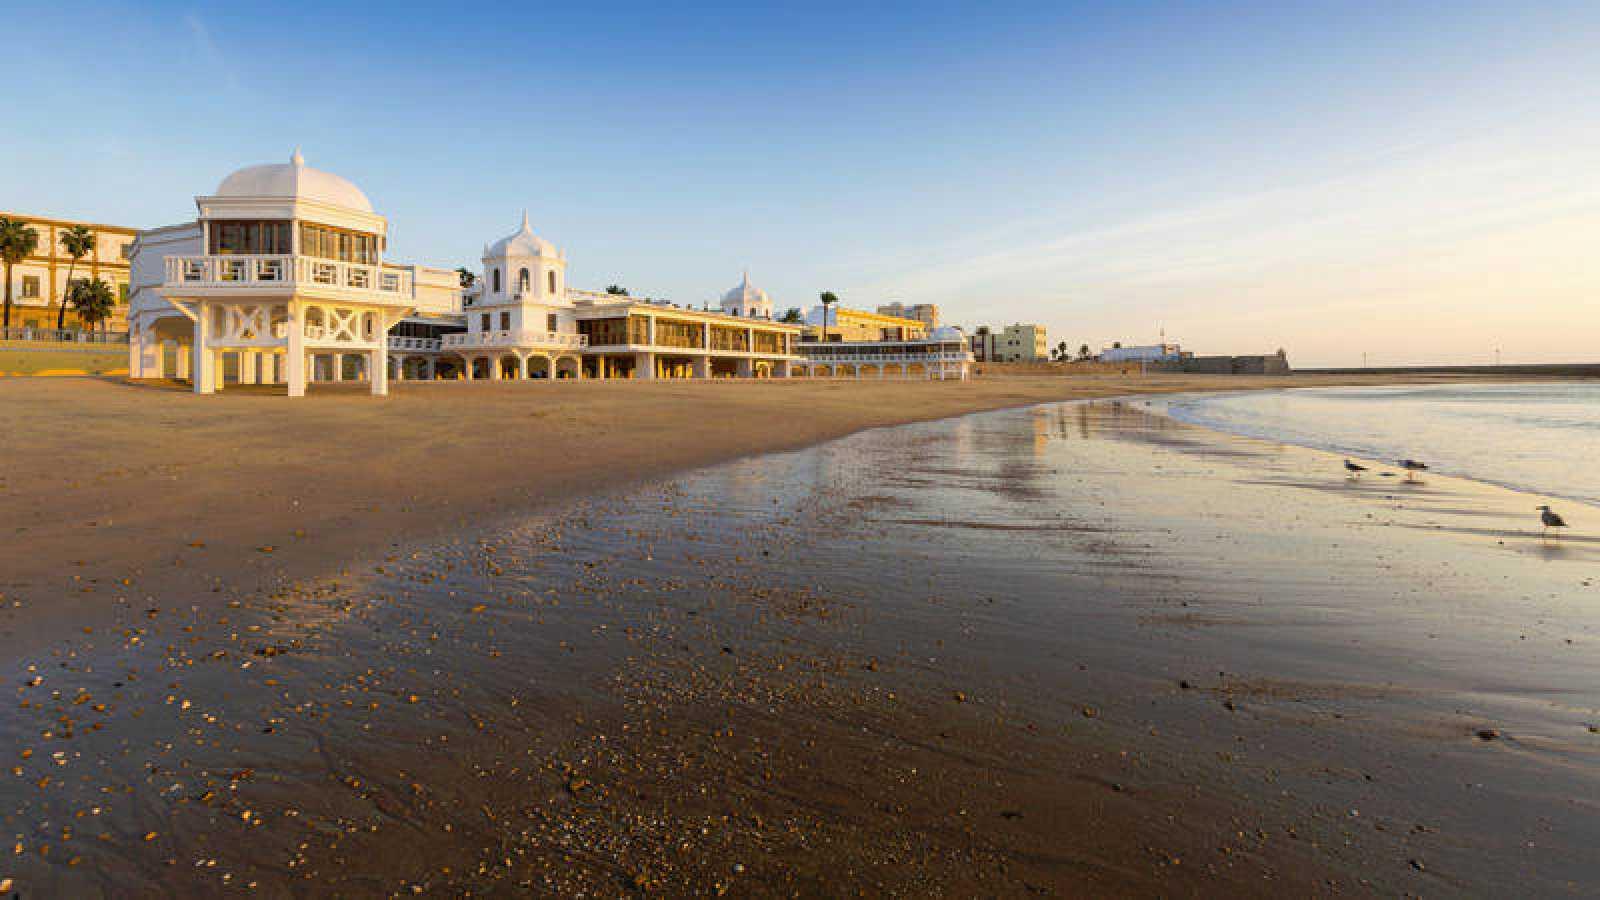 La playa de La Caleta es uno de los rincones más turísticos de la capital gaditana.